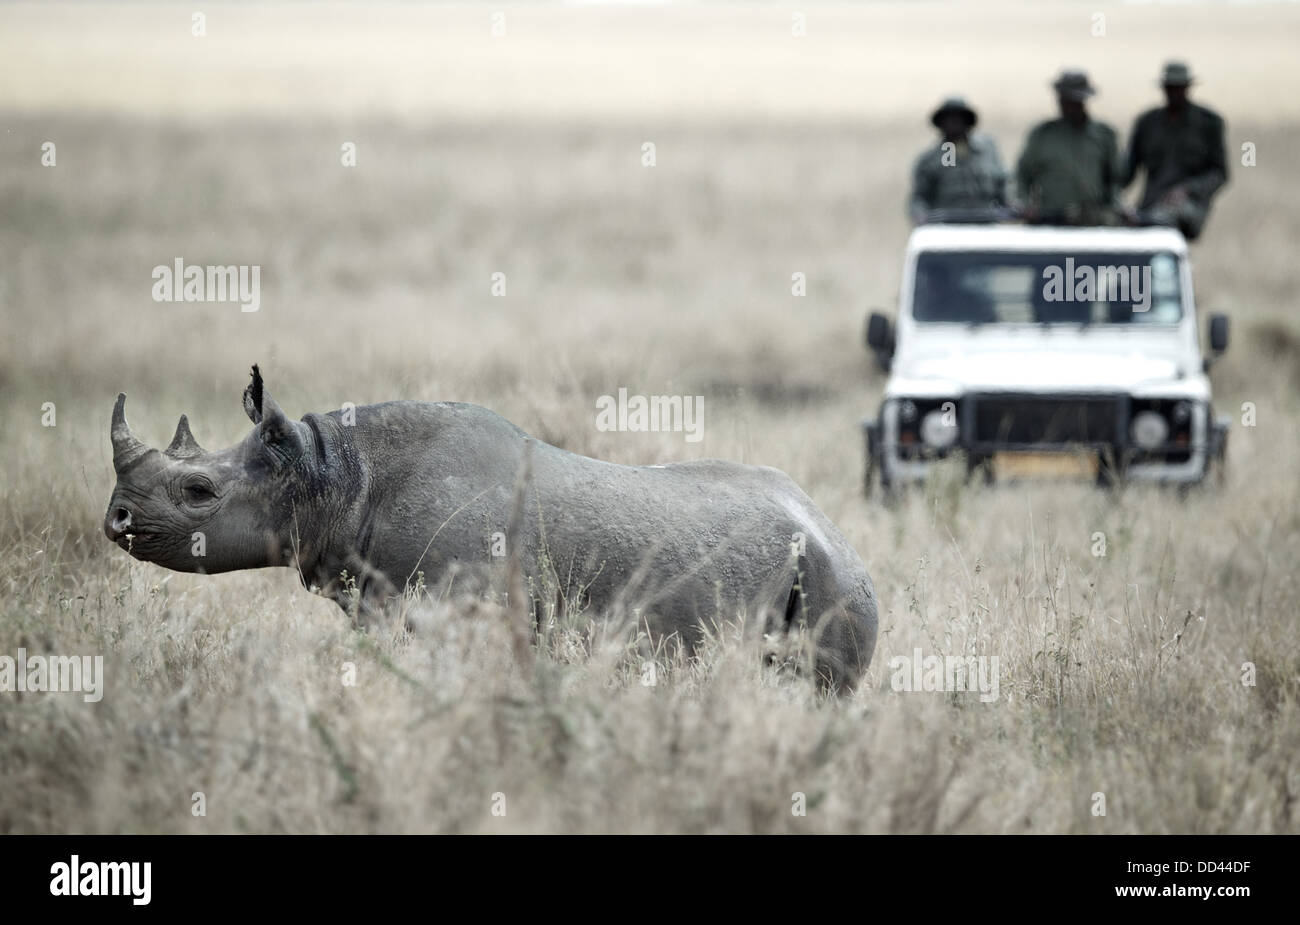 Un rhinocéros noir Diceros bicornis sous surveillance attentive par les gardes de parc tanzanien du TANAPA Banque D'Images